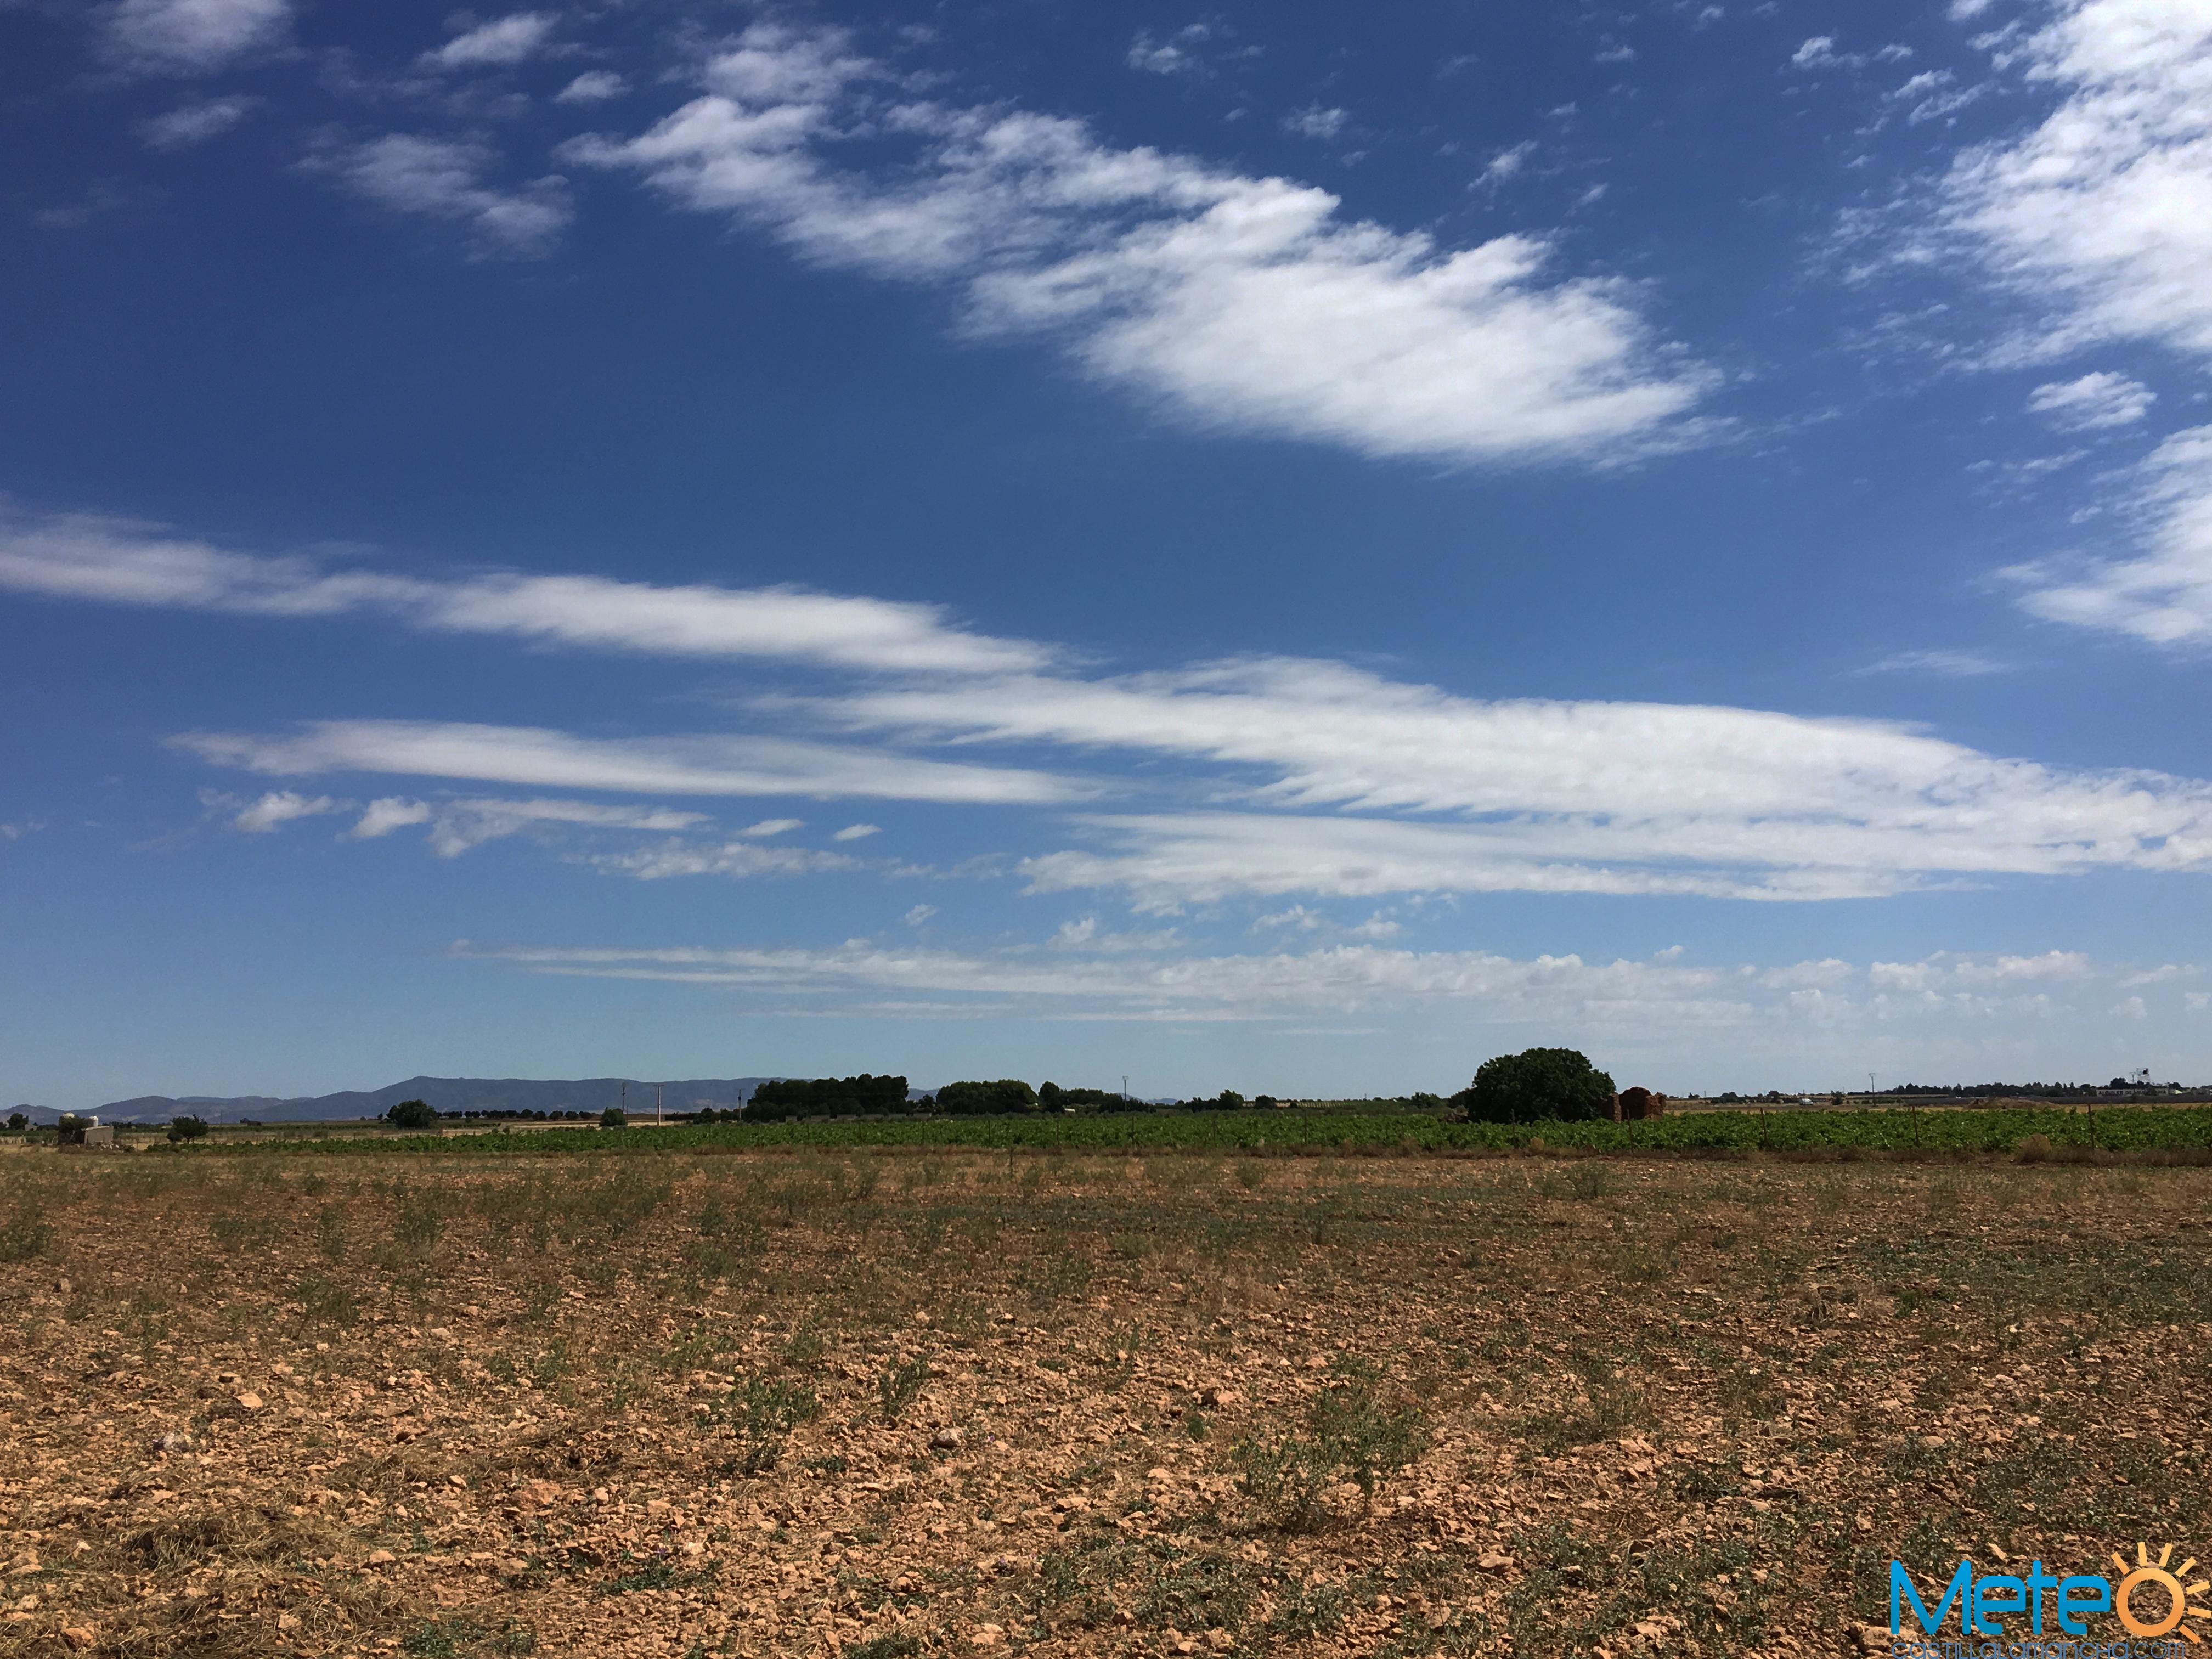 La sequía se afianza en Ciudad Real